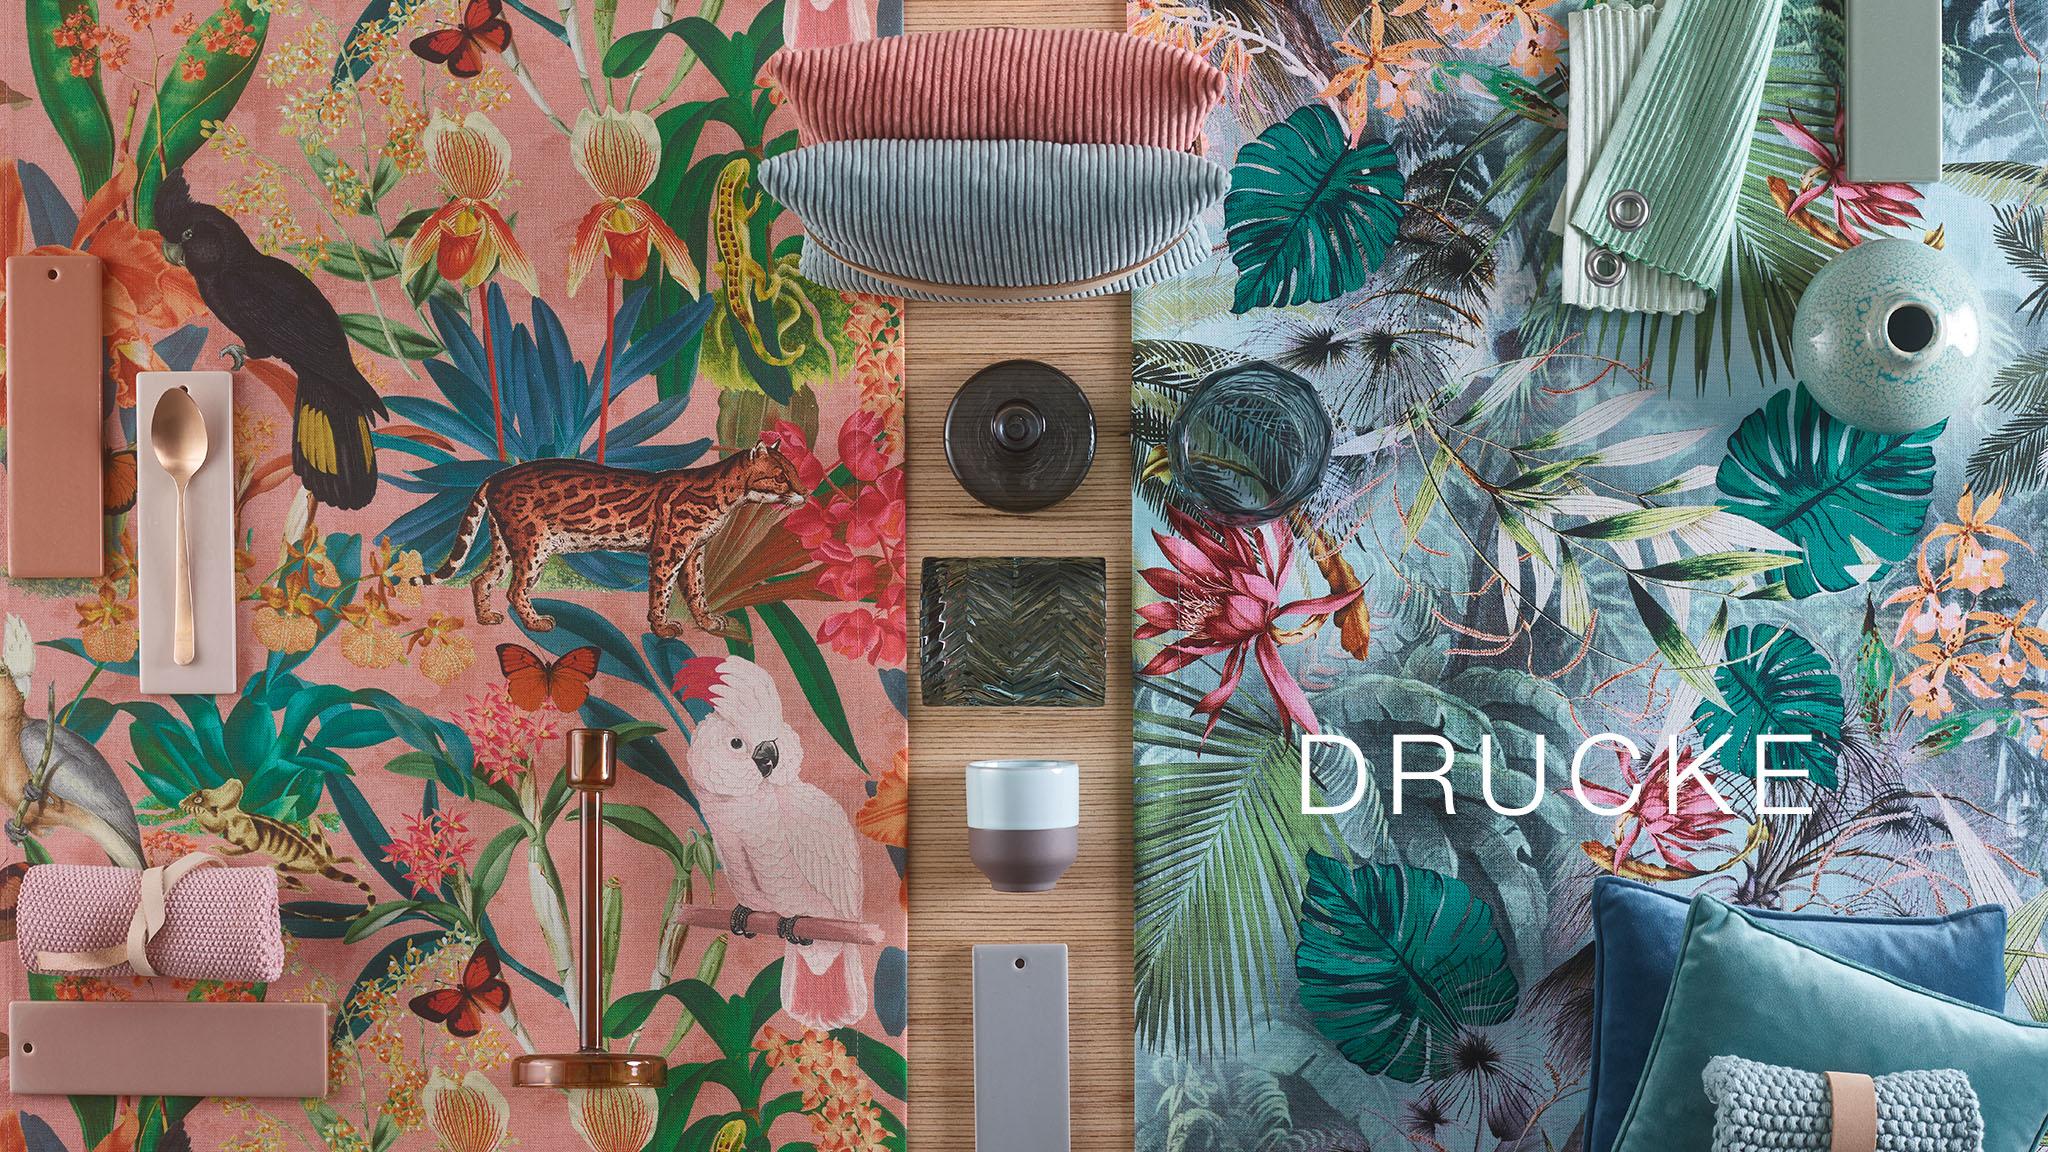 DRUCKE_2018x1152px